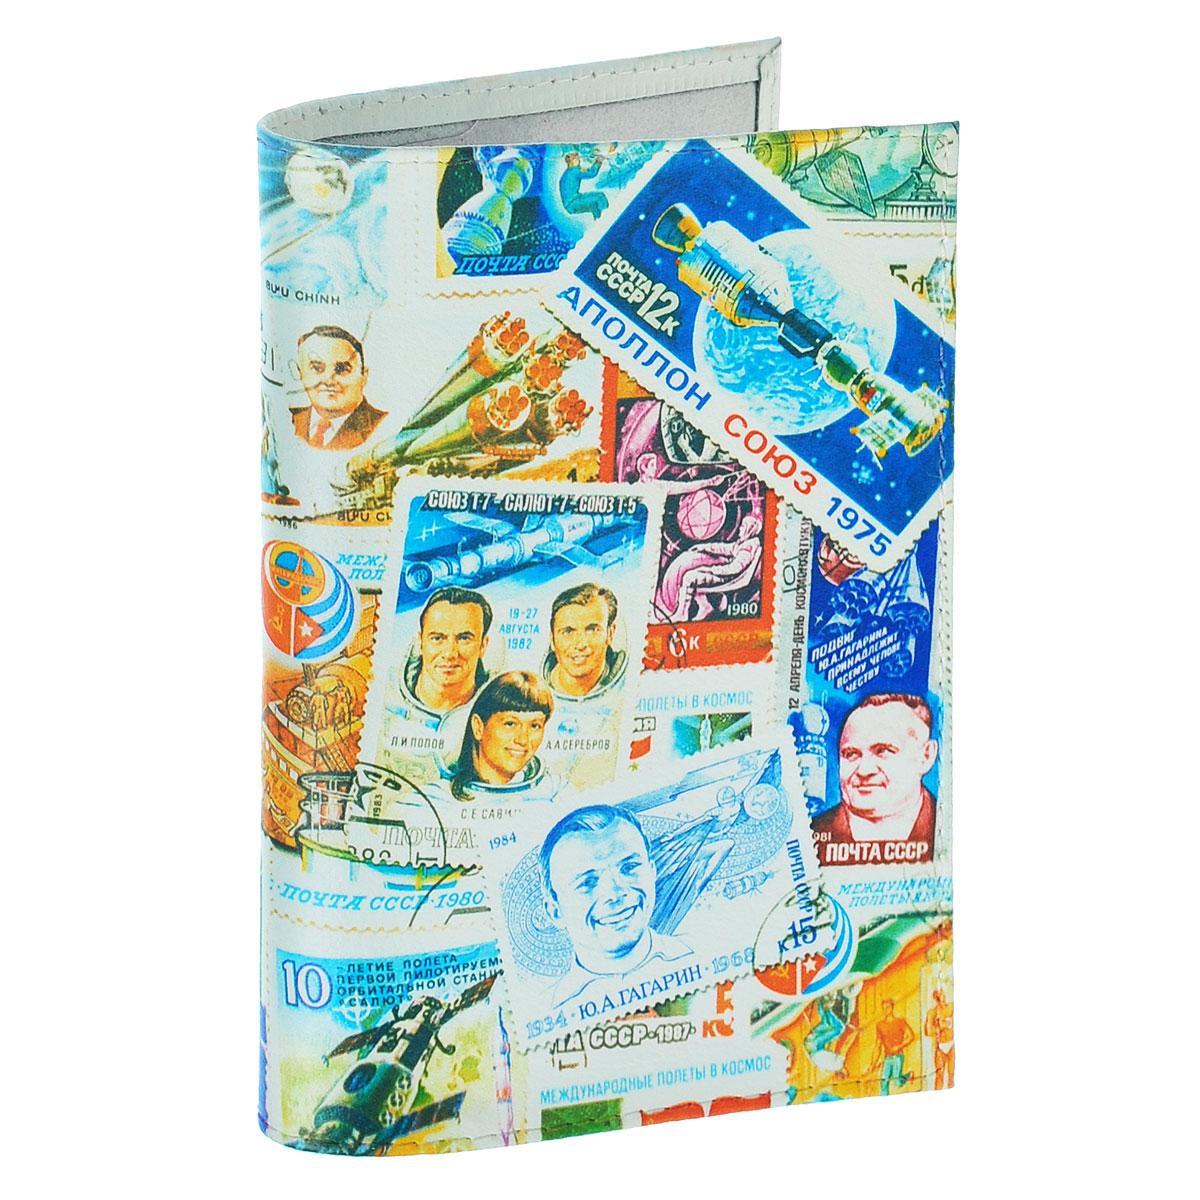 Обложка для паспорта Космос (марки). OK271OK271Обложка для паспорта Mitya Veselkov Космос. Марки выполнена из натуральной кожи и оформлена изображениями почтовых марок с космической тематикой. Такая обложка не только поможет сохранить внешний вид ваших документов и защитит их от повреждений, но и станет стильным аксессуаром, идеально подходящим вашему образу. Яркая и оригинальная обложка подчеркнет вашу индивидуальность и изысканный вкус. Обложка для паспорта стильного дизайна может быть достойным и оригинальным подарком.